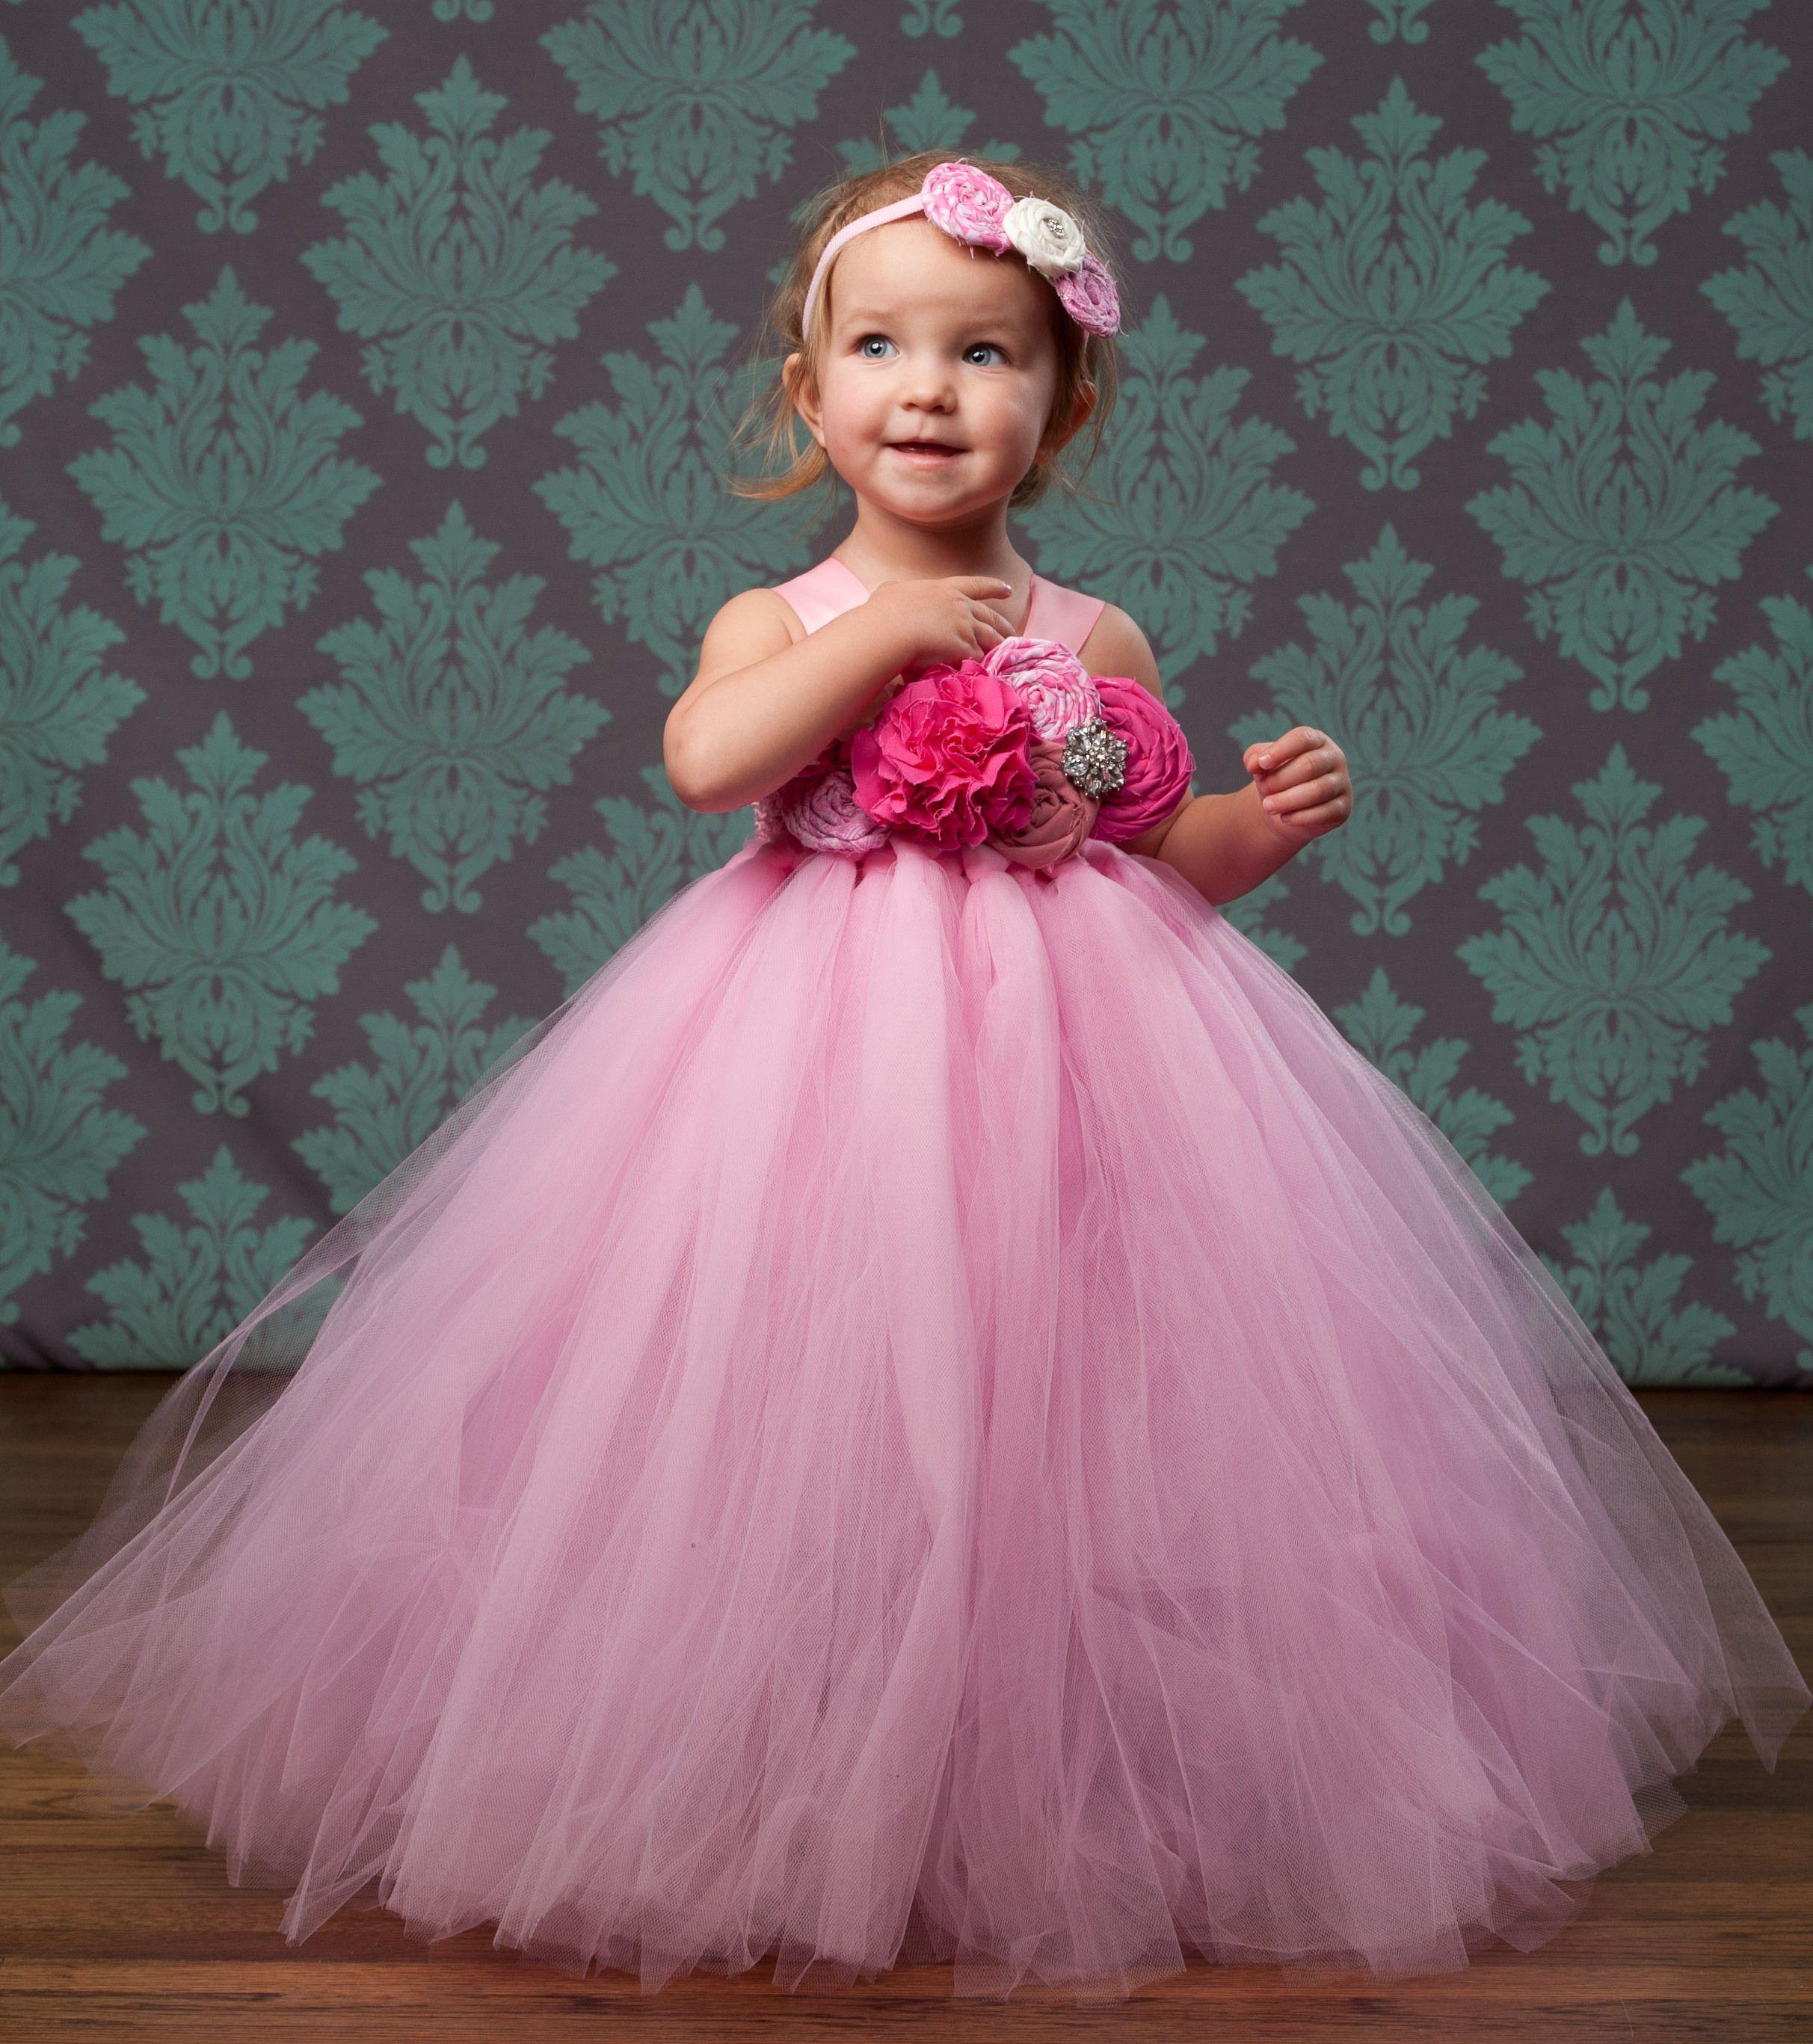 flower girl tutu style dress   damas de honor   Pinterest   Pajes de ...